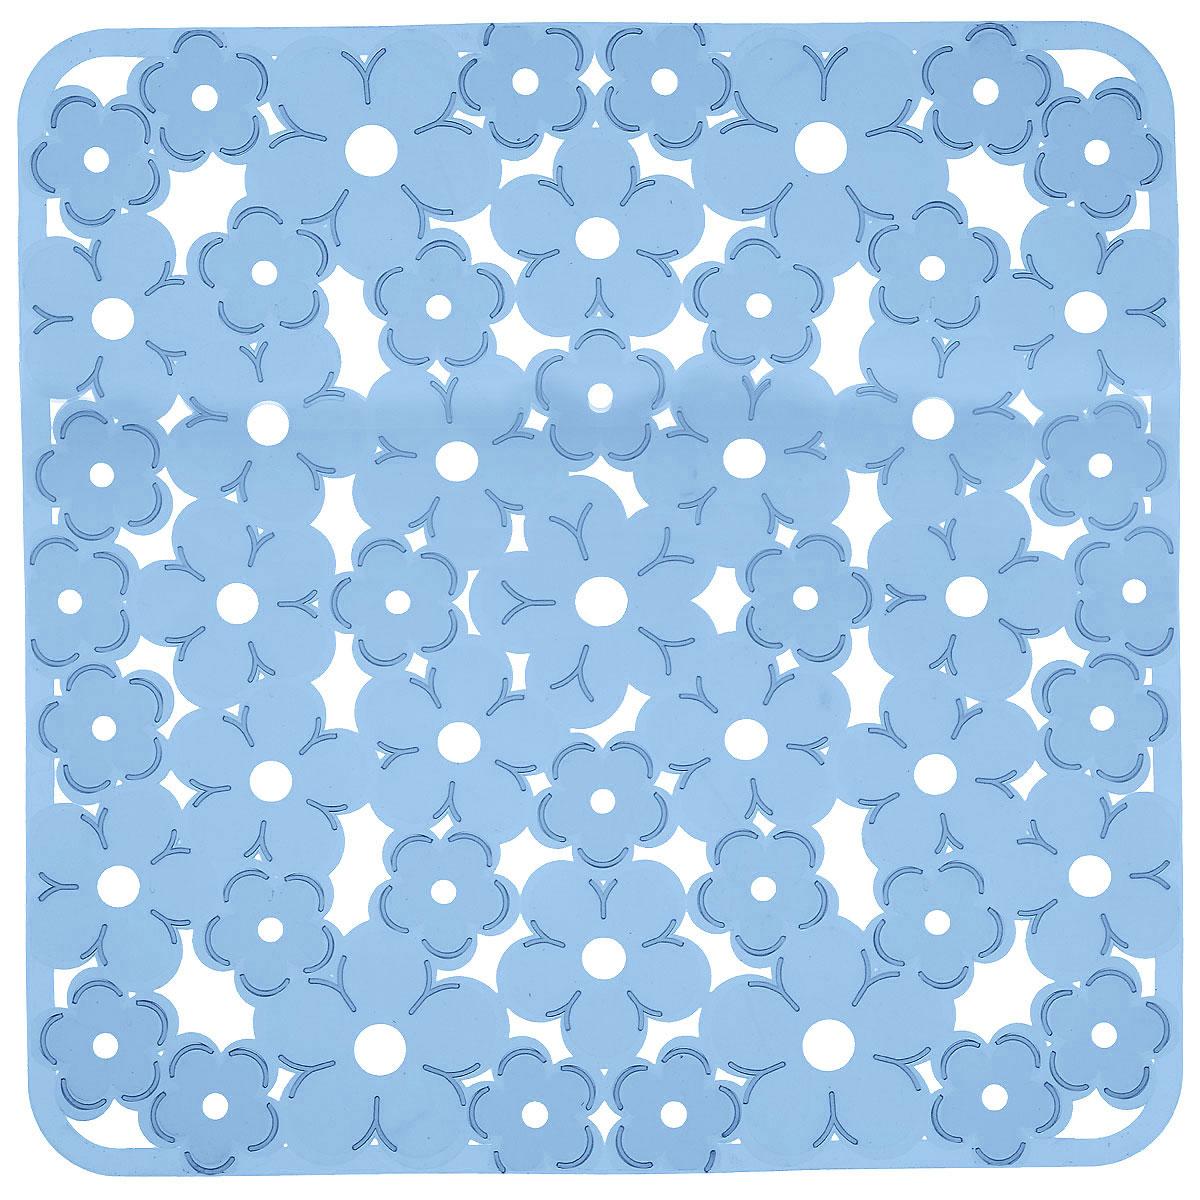 Коврик для раковины Metaltex, цвет: синий, 32 см х 32 см54 009312Коврик для раковины Metaltex изготовлен из ПВХ с цветочным рисунком. Коврик имеет квадратную форму, поэтому прекрасно подойдет для любых раковин. Такой коврик защитит вашу посуду во время мытья, а также предотвратит засор труб, задерживая остатки пищи. Товар сертифицирован.